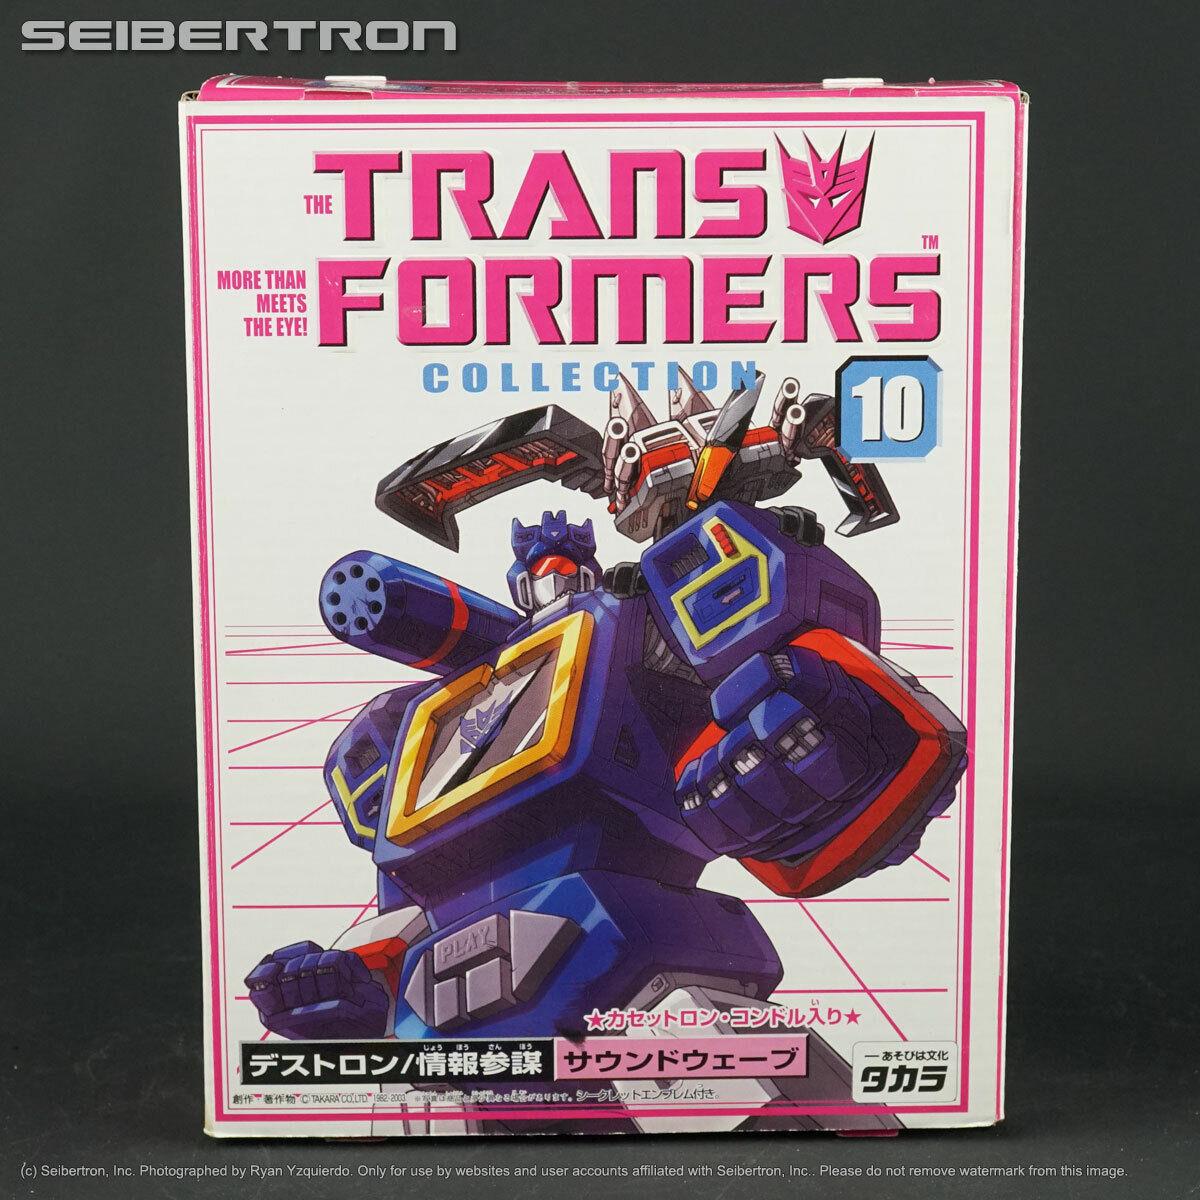 el mas de moda Soundwave Laserbeak Colección De De De Transformers 10 Completa + G1 Takara 2003 BKY  precioso